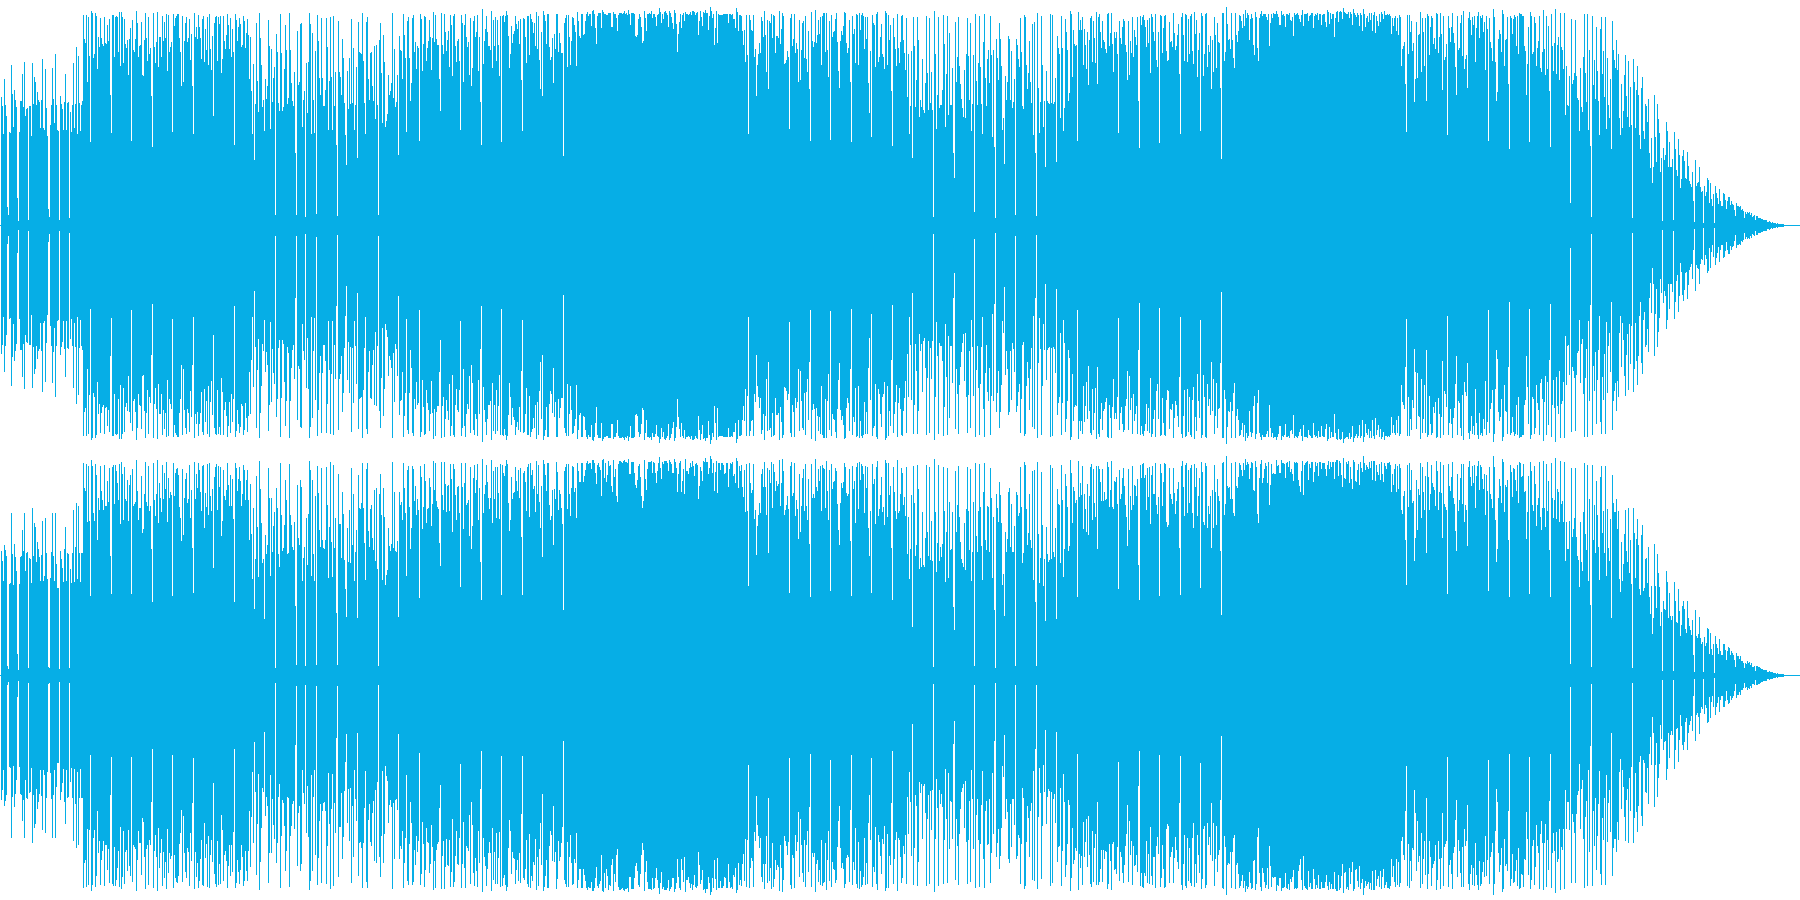 ファミコンサウンド曲。の再生済みの波形